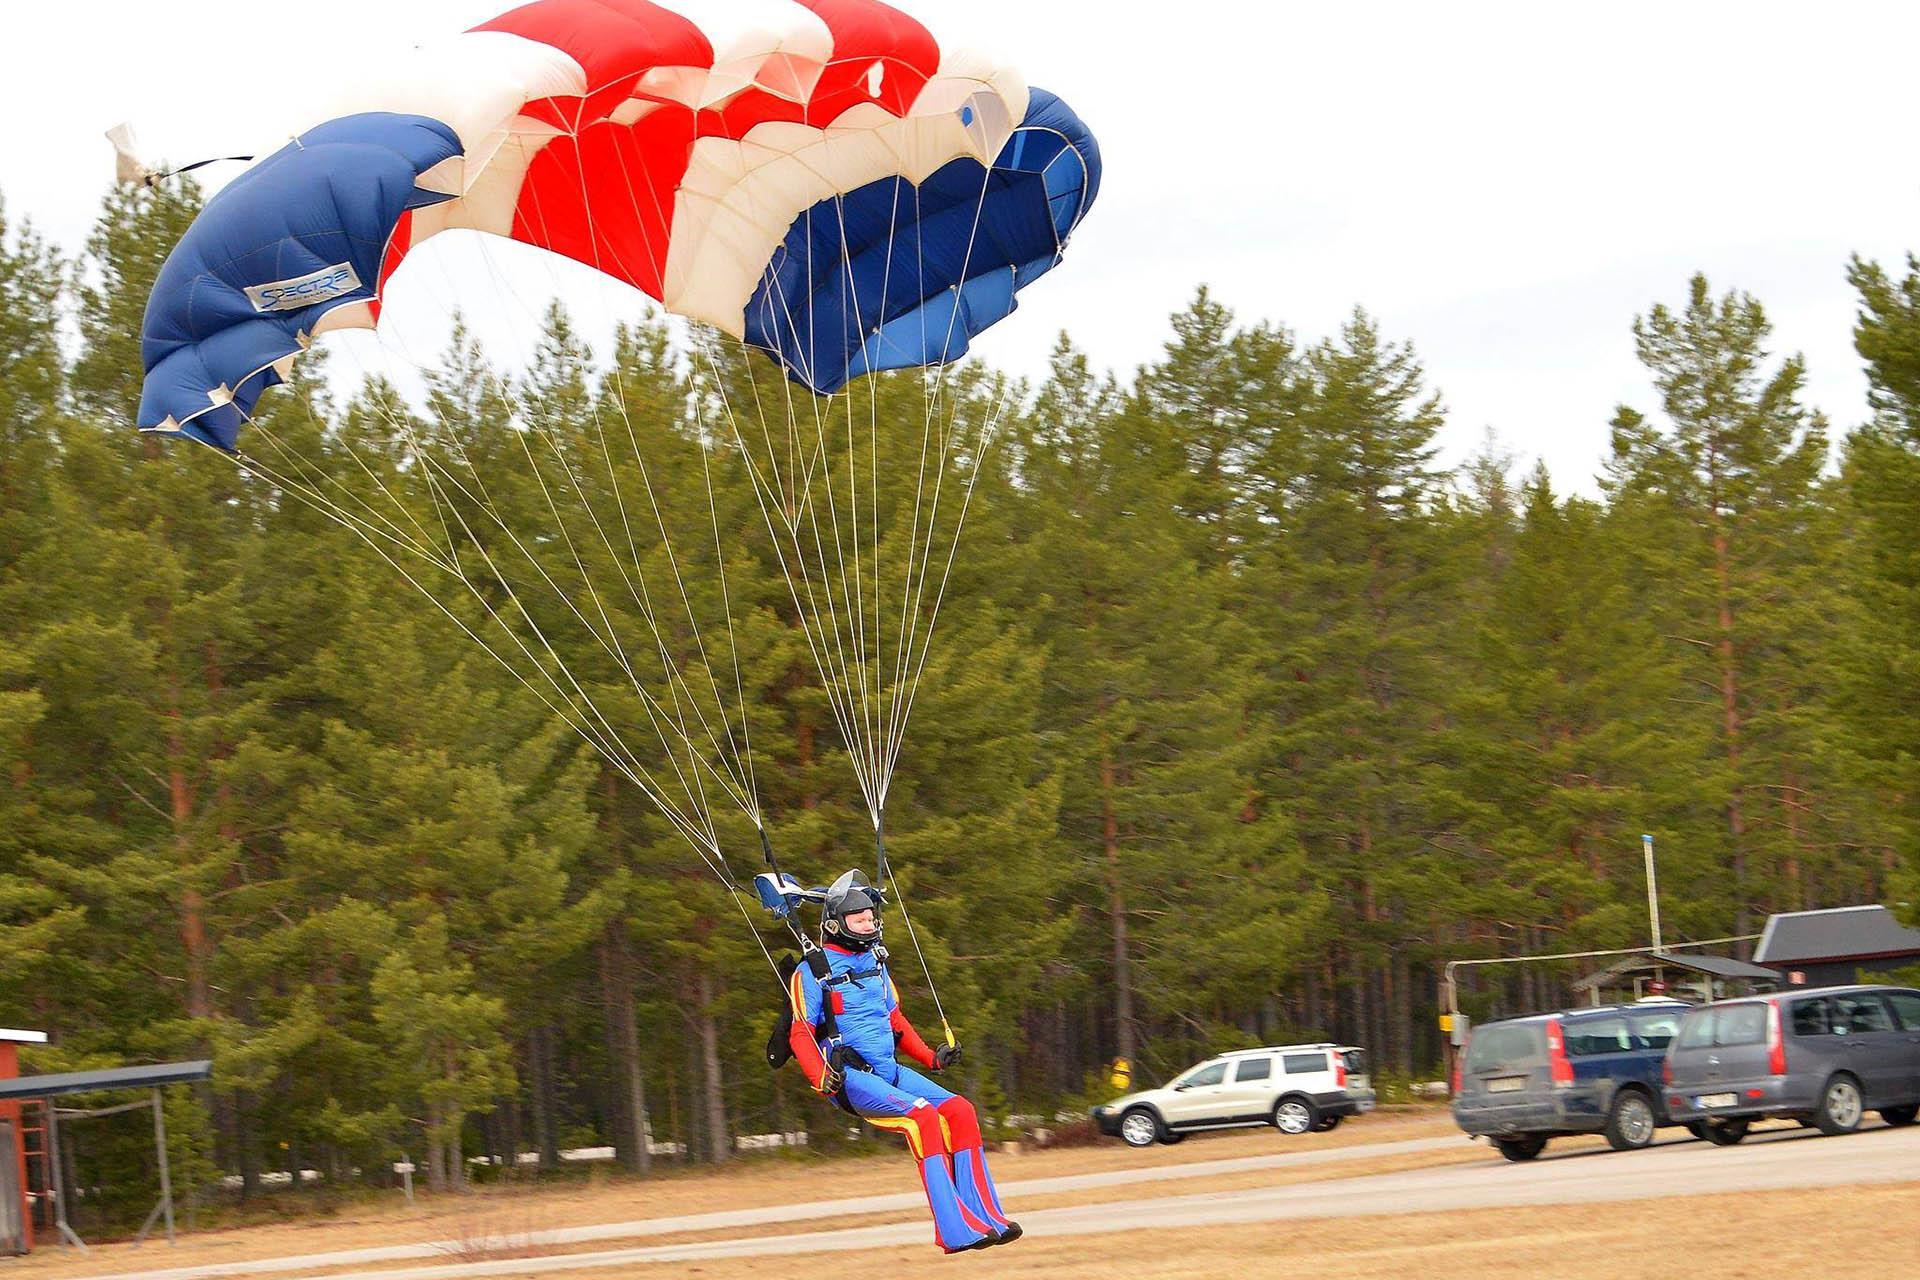 2008 hoppade Åke och hans bror ut från ett plan tillsammans. Det var Åkes allra första fallskärmshopp!